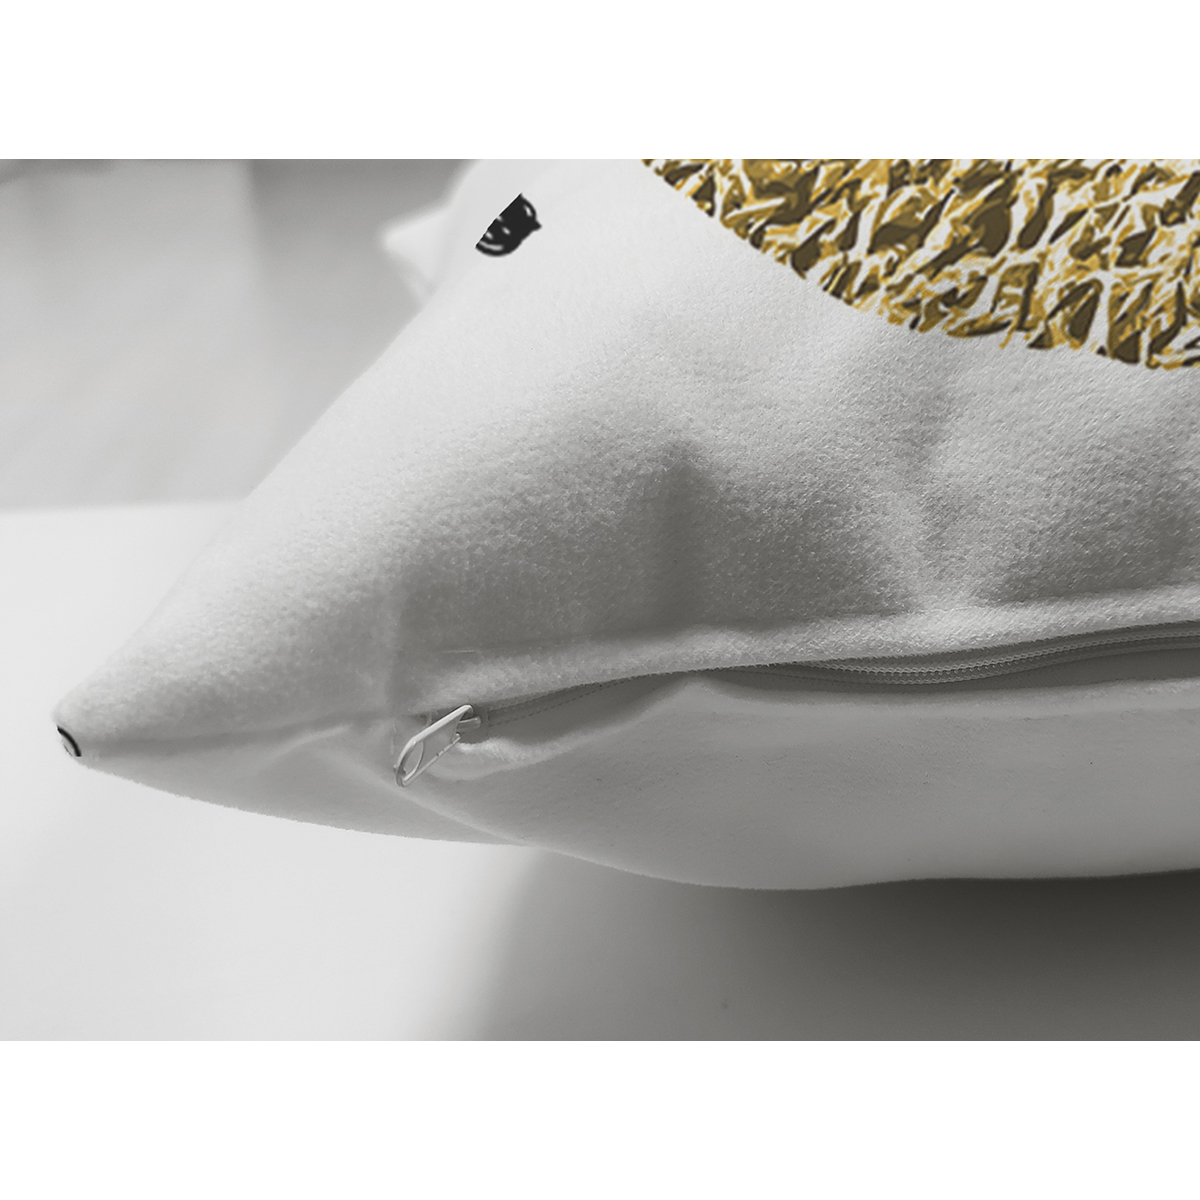 Çift Taraflı Beyaz Zeminde Gold Renkli Me Yazılı Dijital Baskılı Modern Süet Yastık Kırlent Kılıfı Realhomes